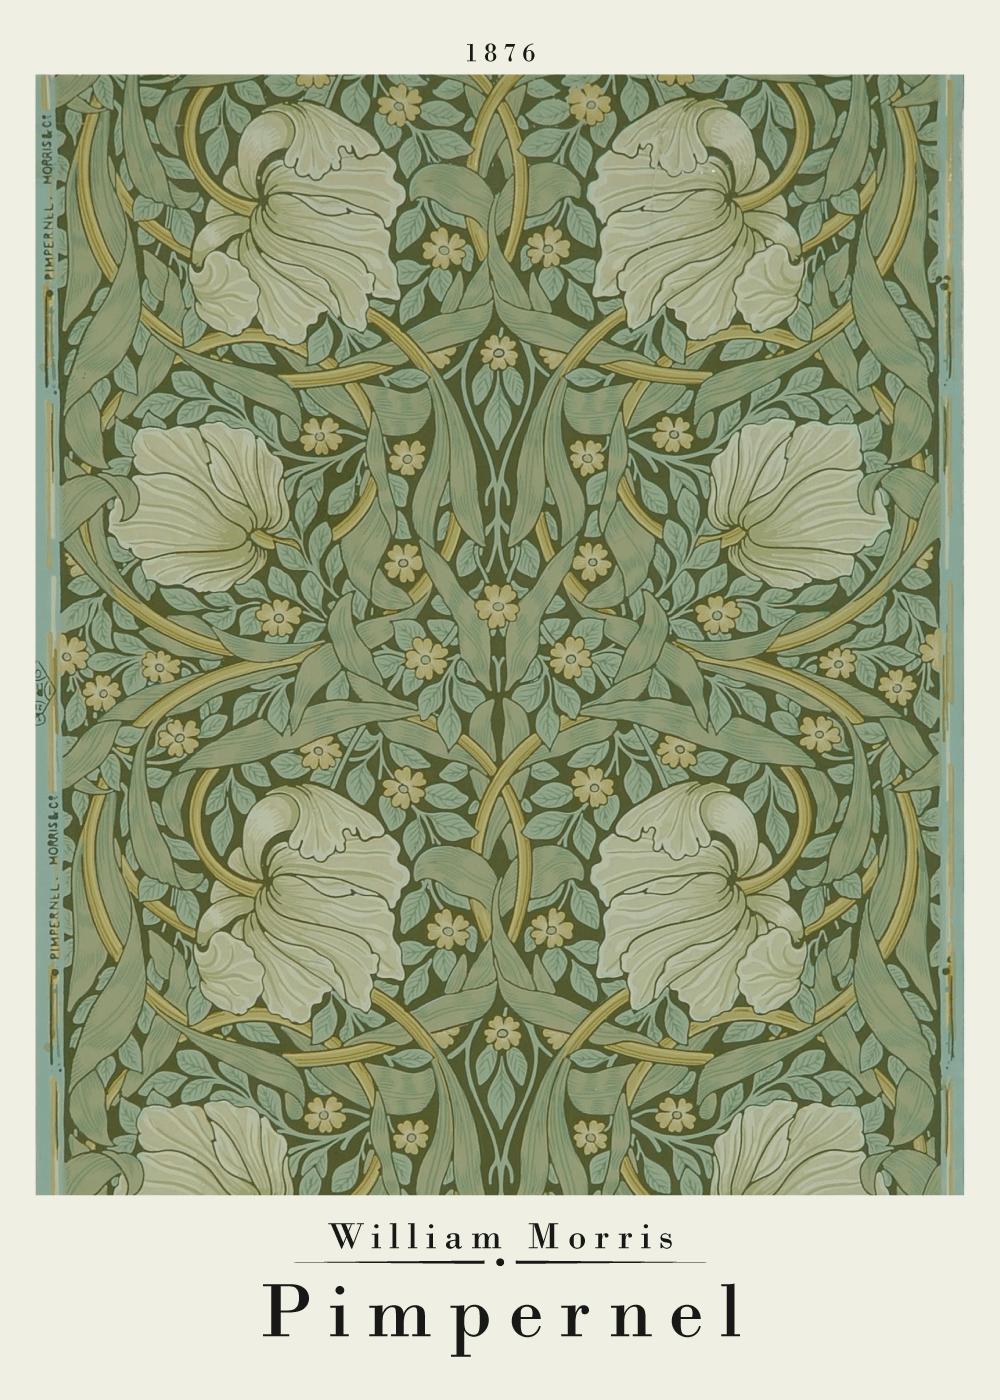 Billede af Pimpernel - William Morris kunstplakat